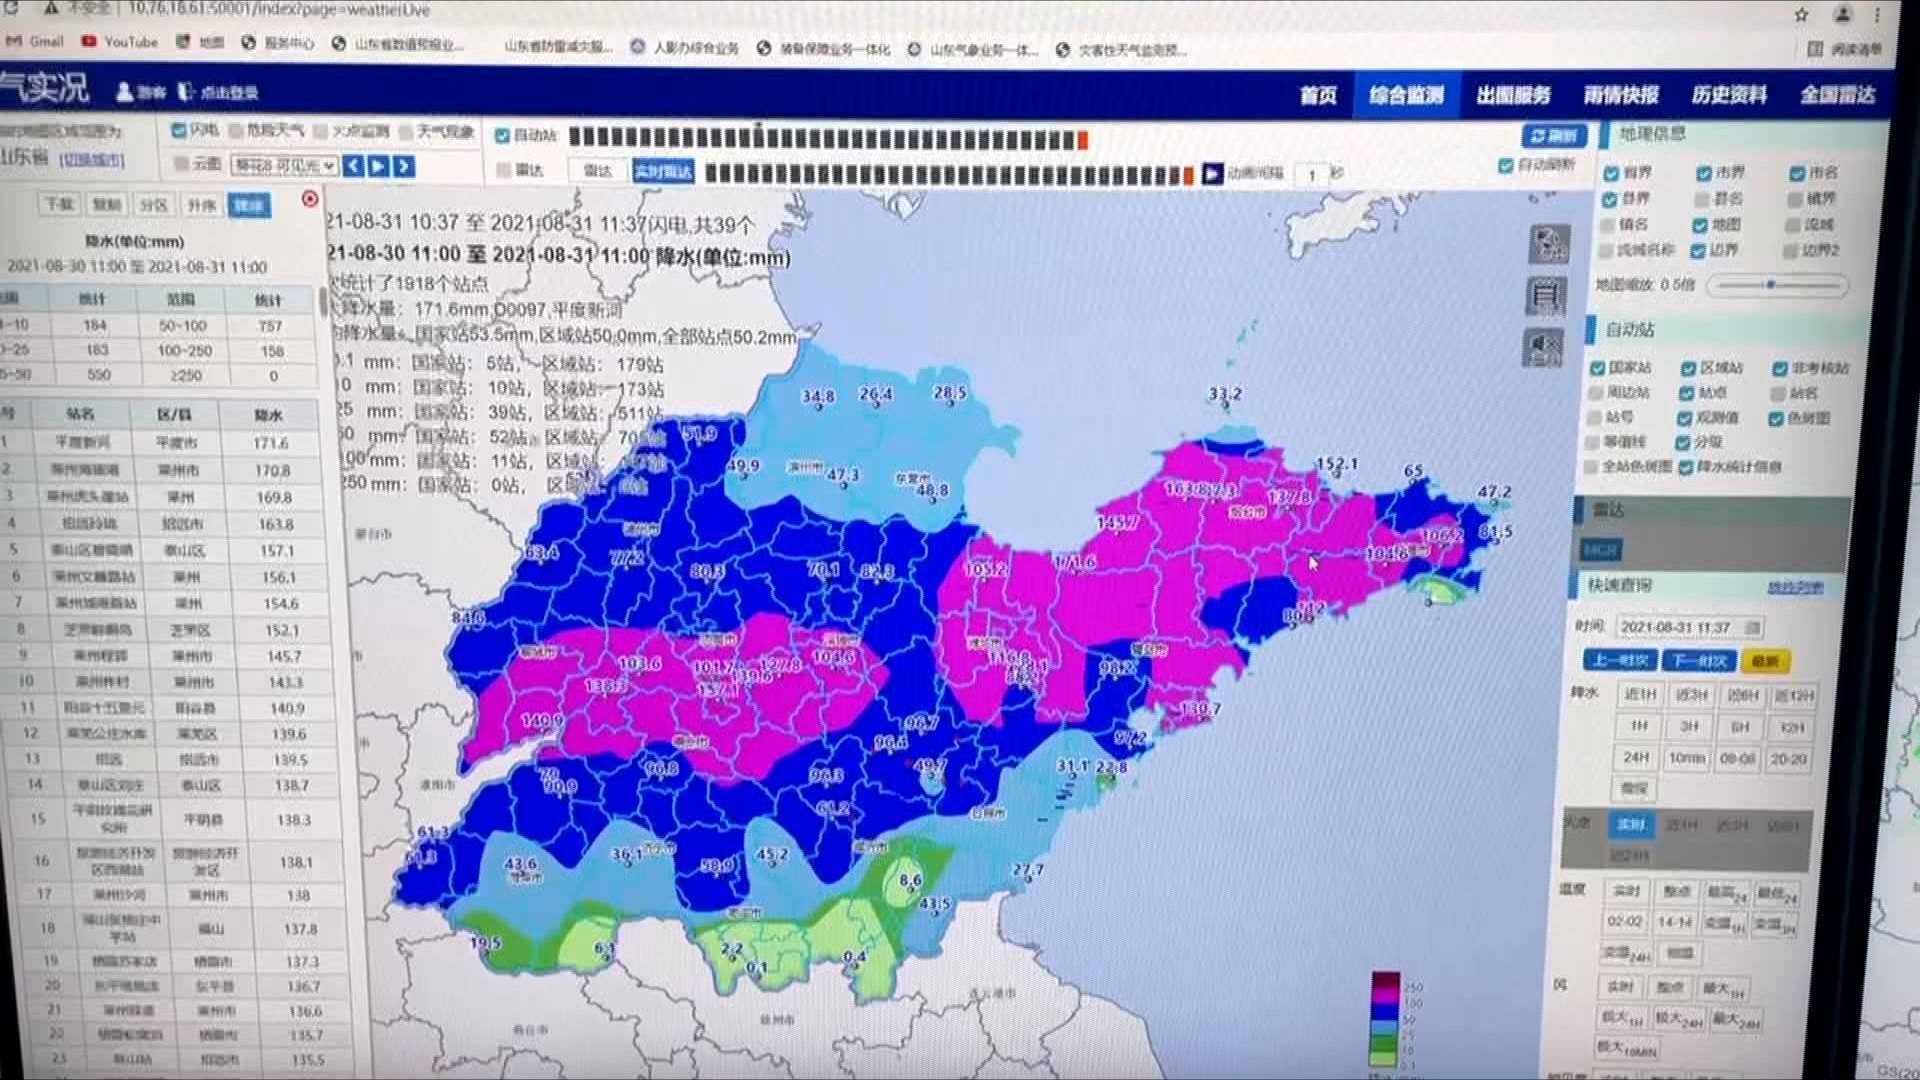 过去24小时青岛平度、烟台莱州等158个监测点出现大暴雨 此次降雨预计9月2日结束